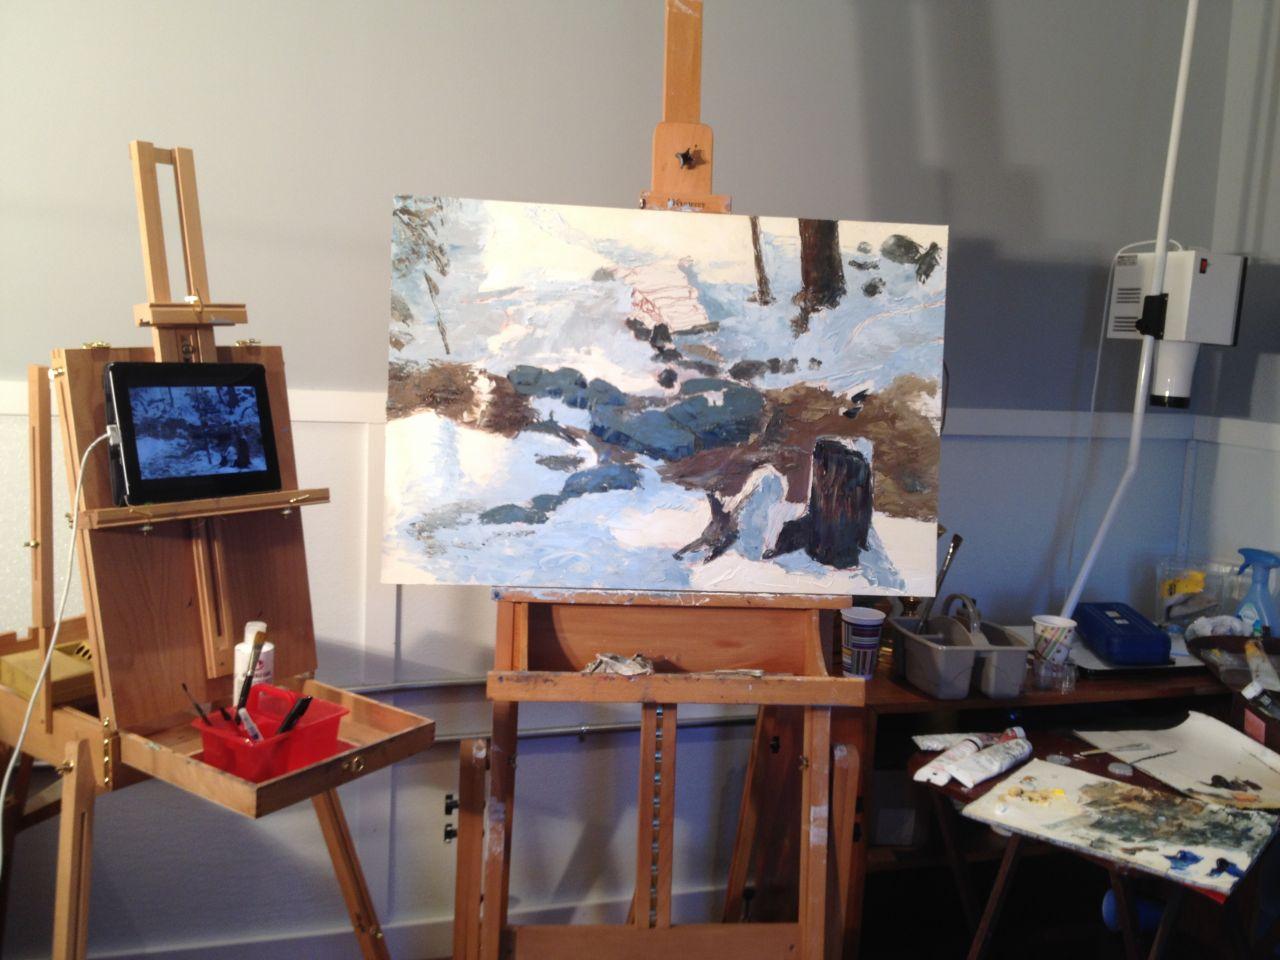 Oil painting setup